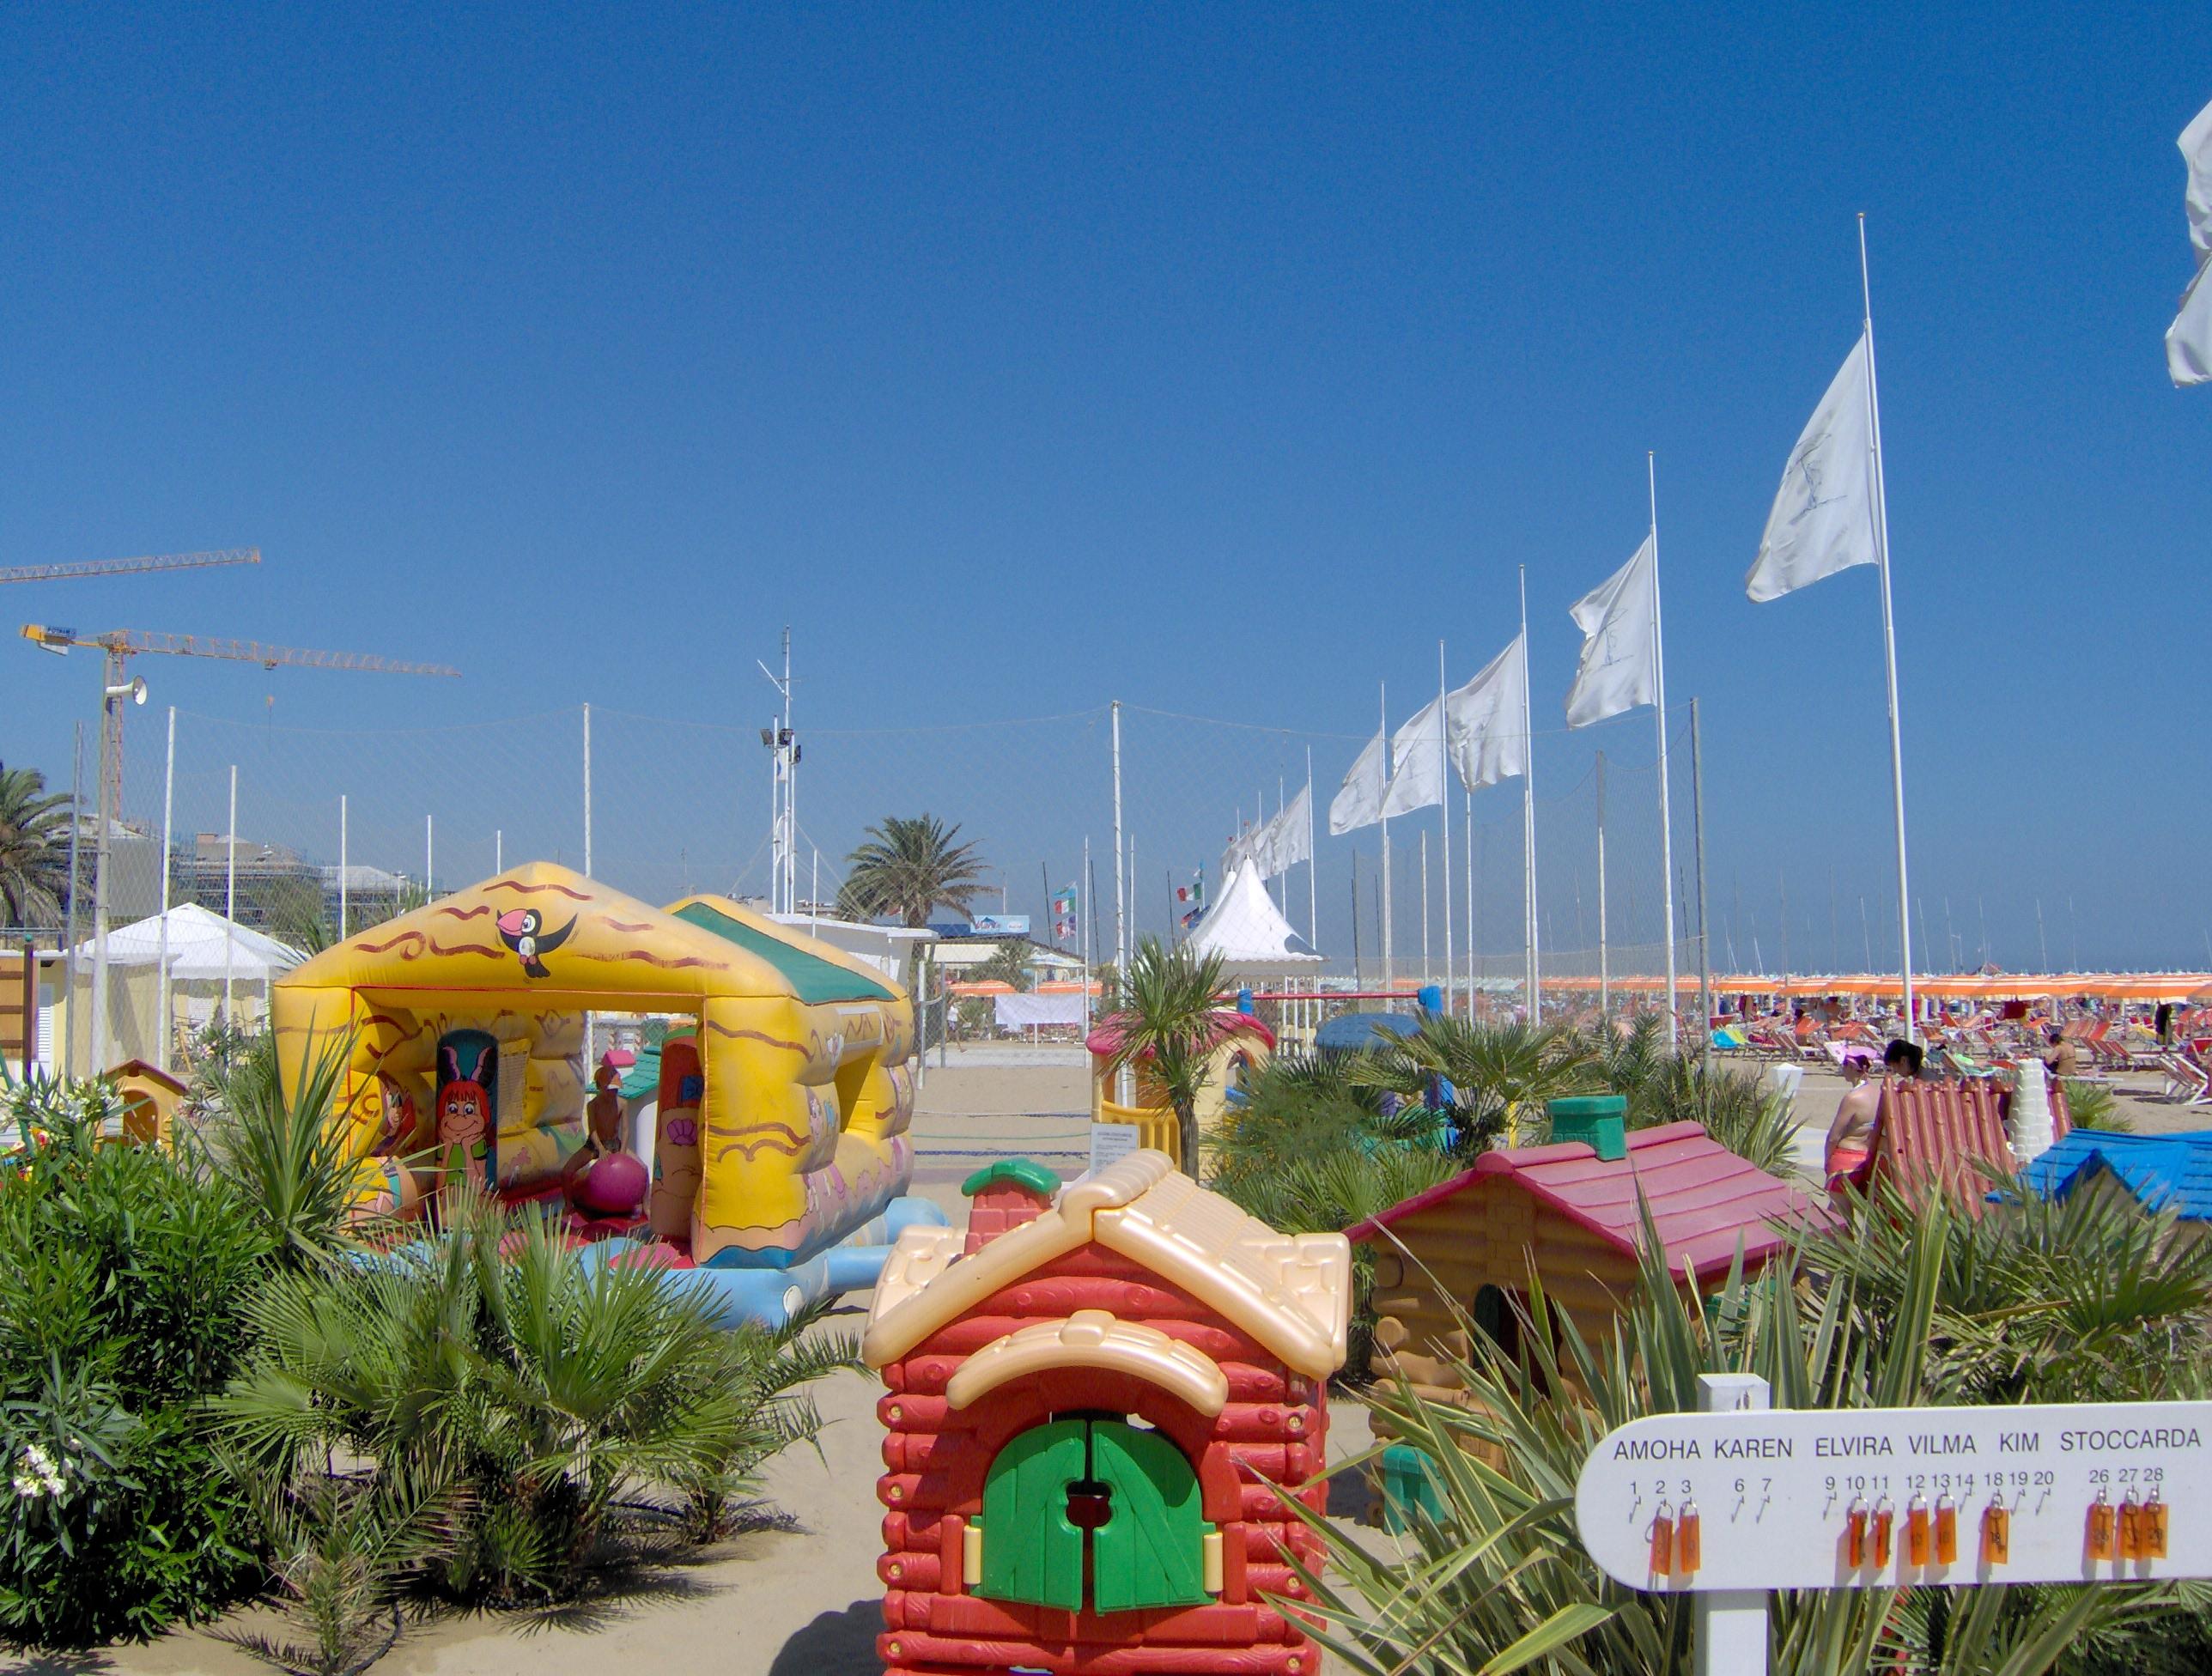 Servizi - Stabilimento balneare Acquamarina - Bagni 96 97 98 - Rimini